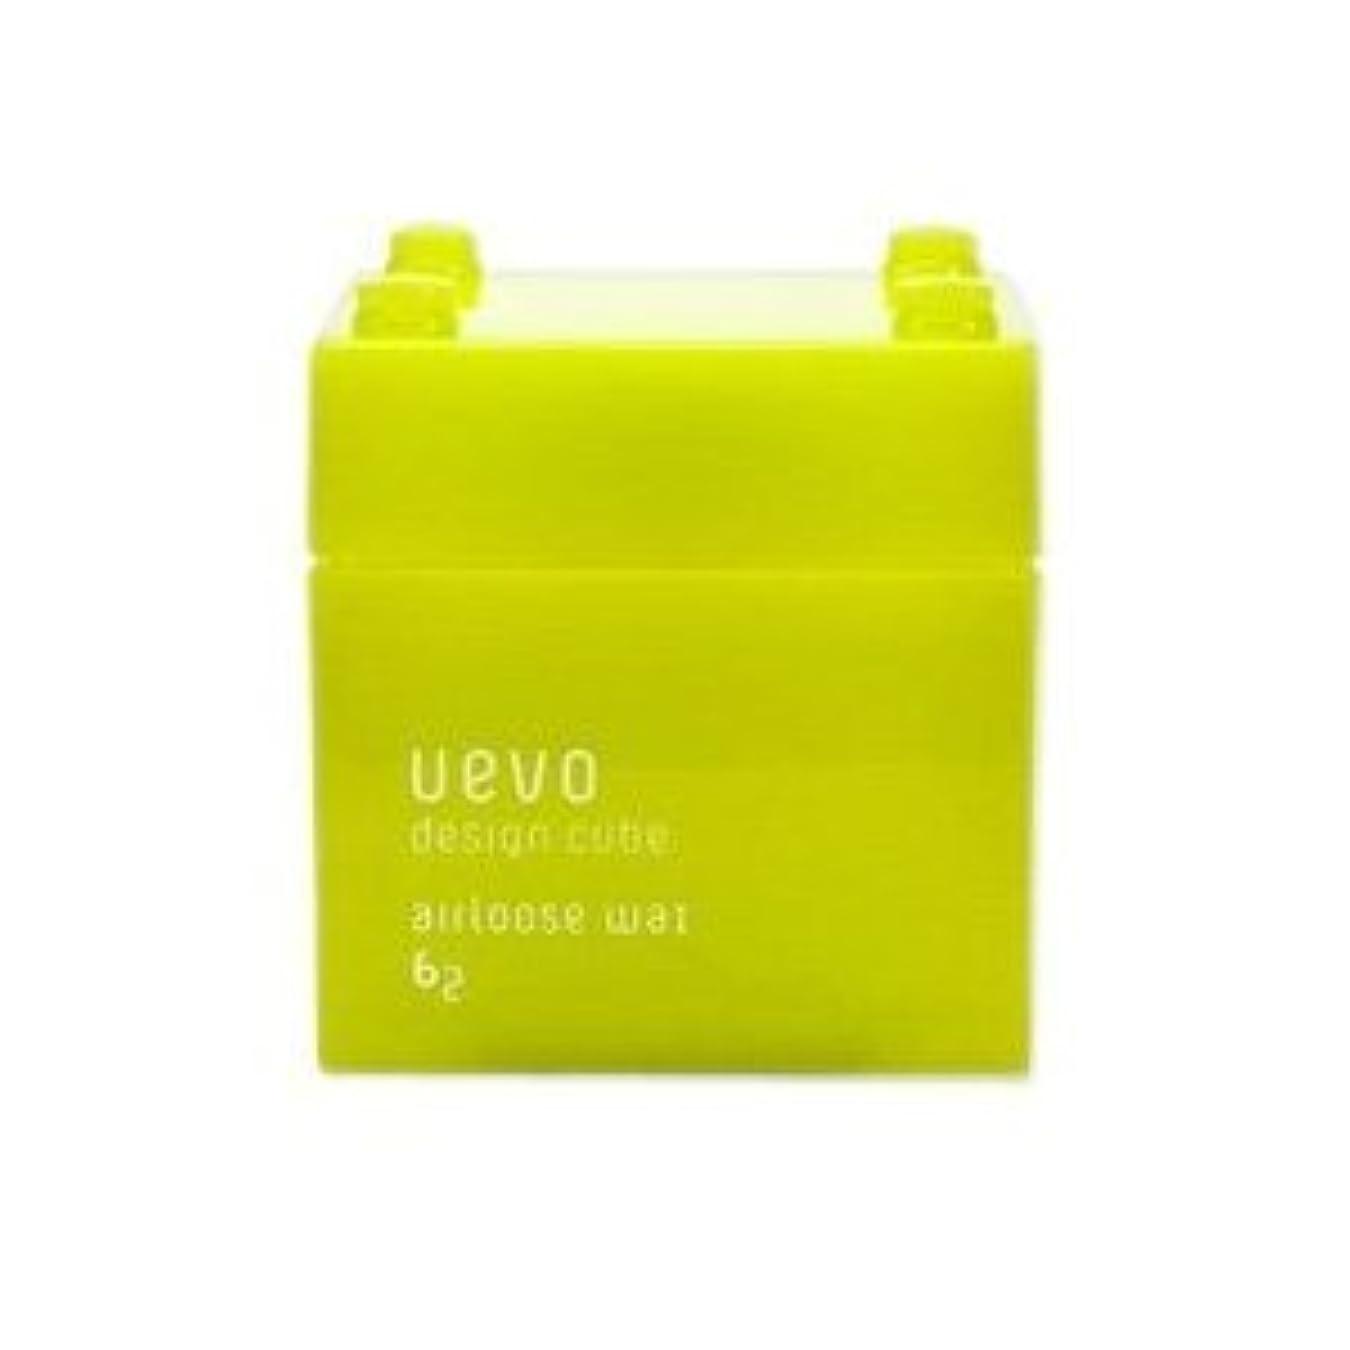 他のバンドでホームワーディアンケース【X3個セット】 デミ ウェーボ デザインキューブ エアルーズワックス 80g airloose wax DEMI uevo design cube